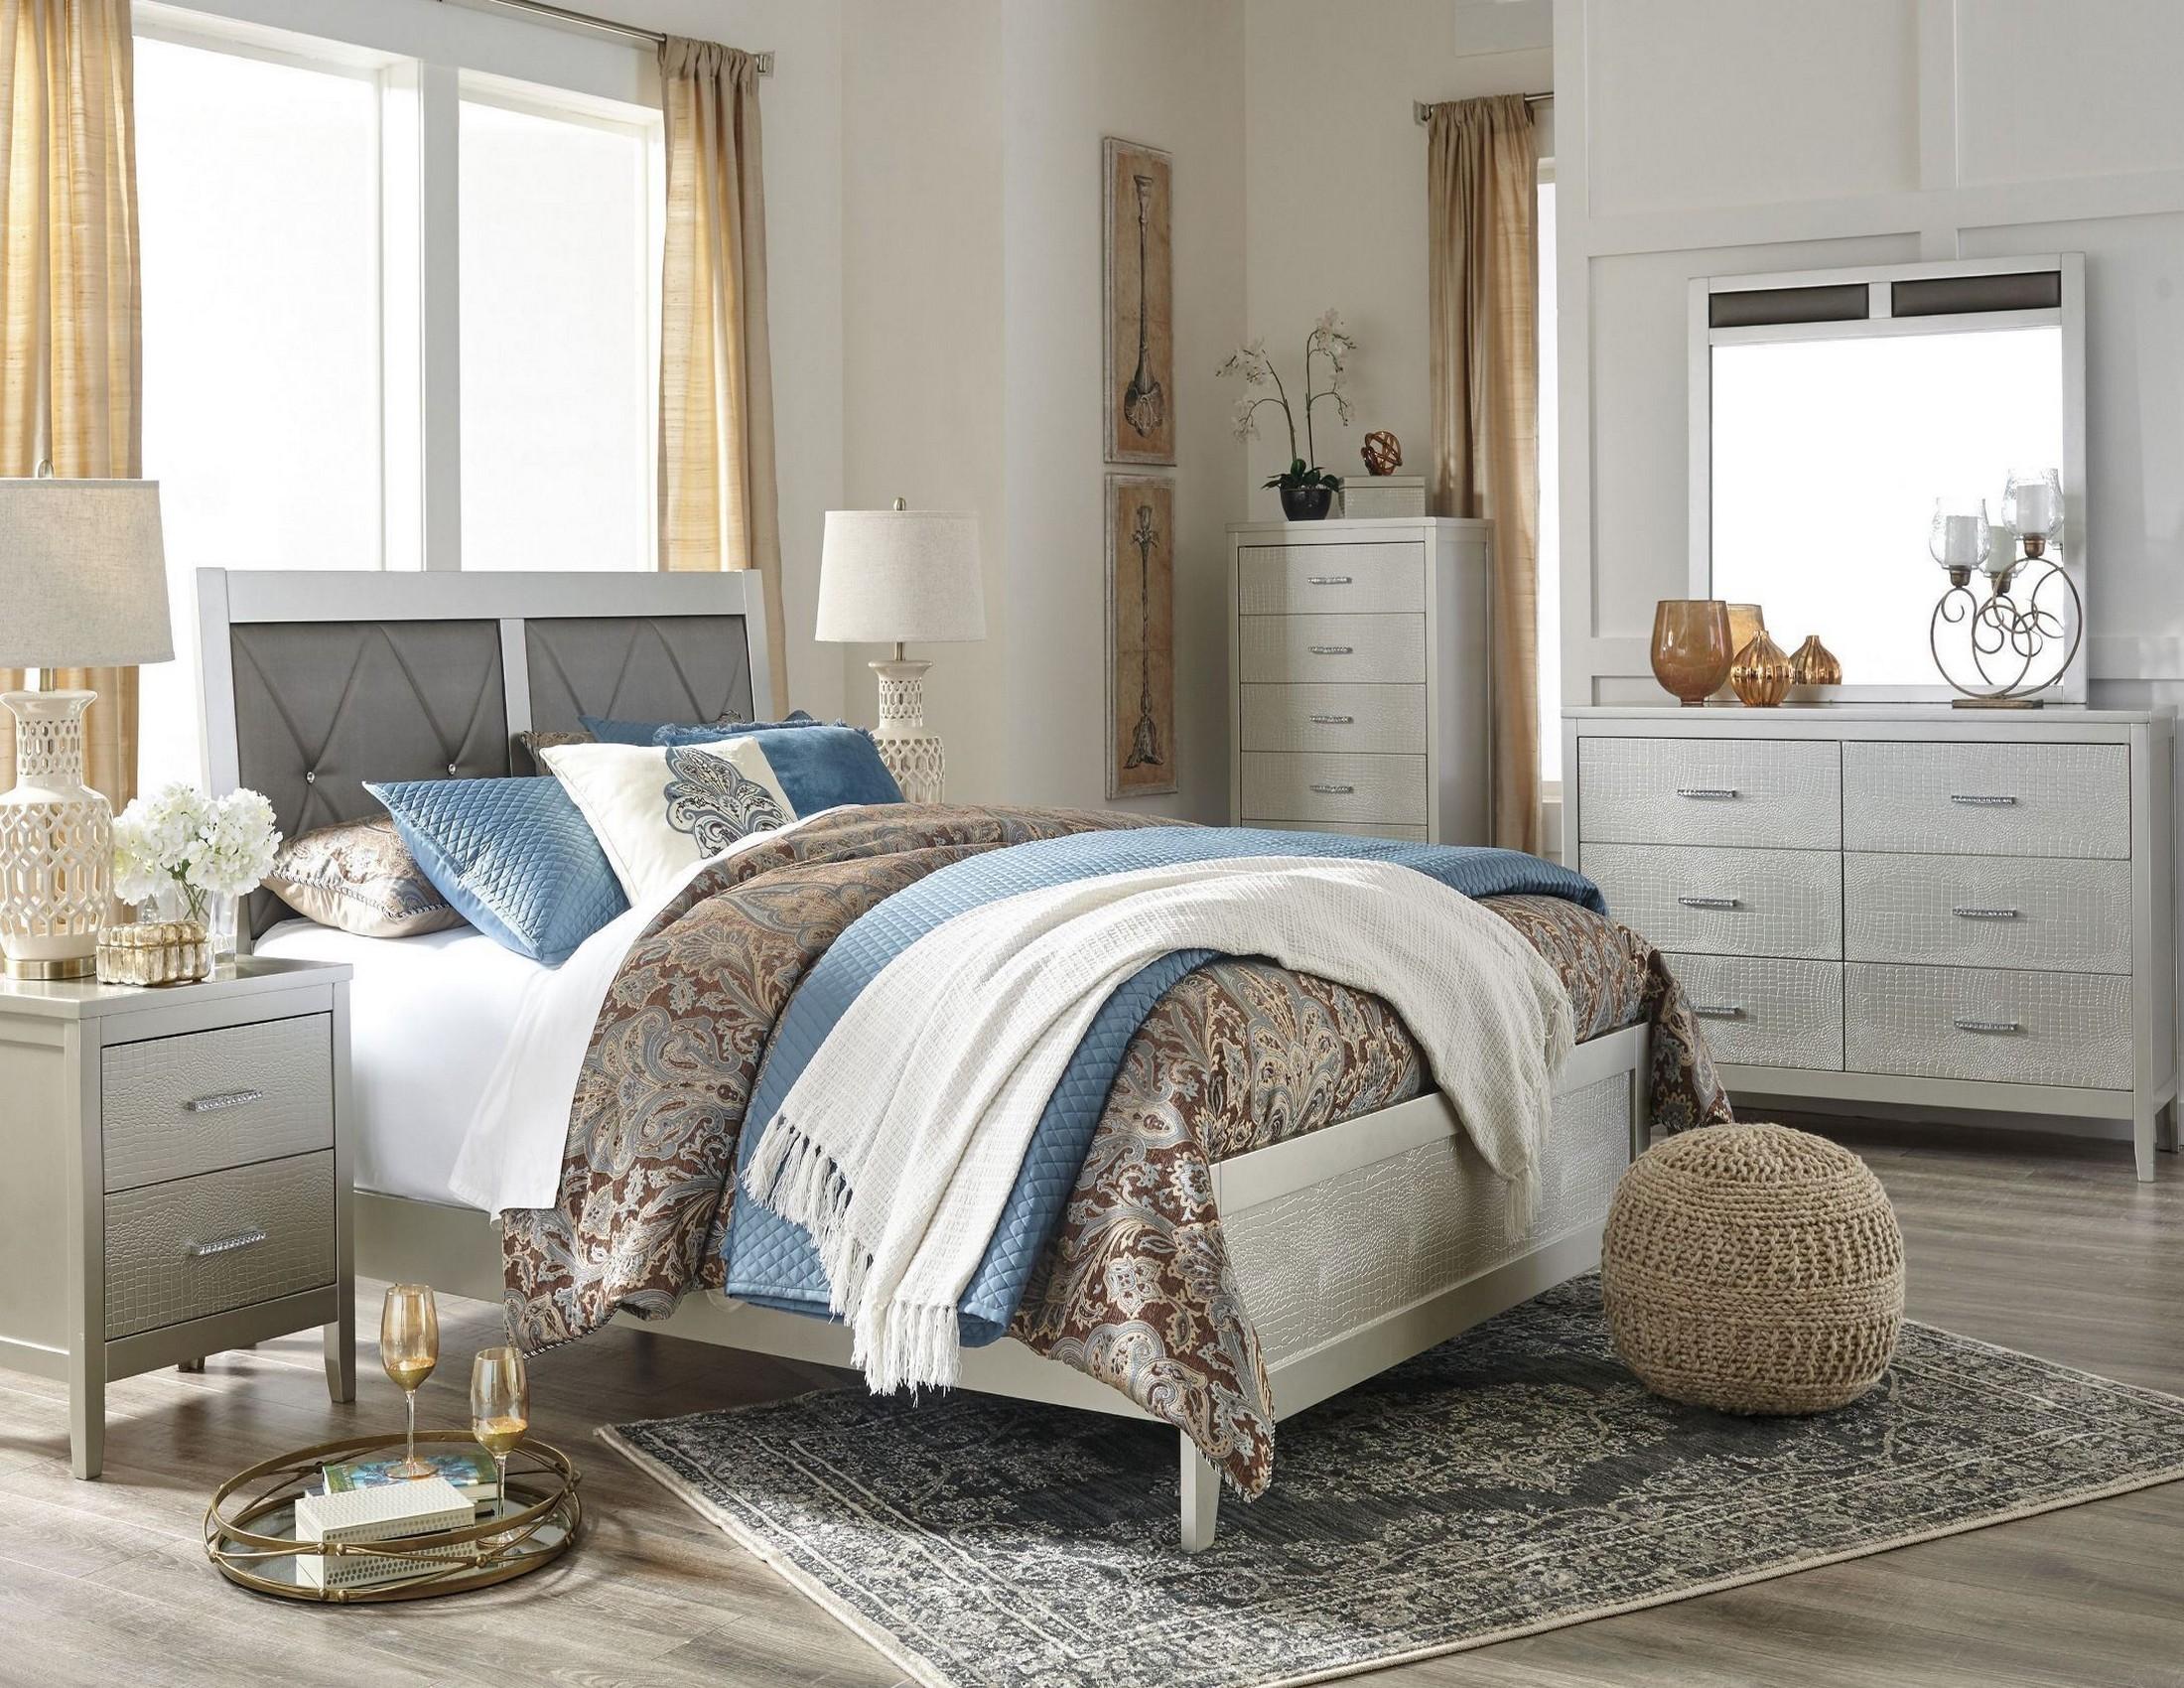 Olivet Silver Upholstered Panel Bedroom Set From Ashley Coleman Furniture